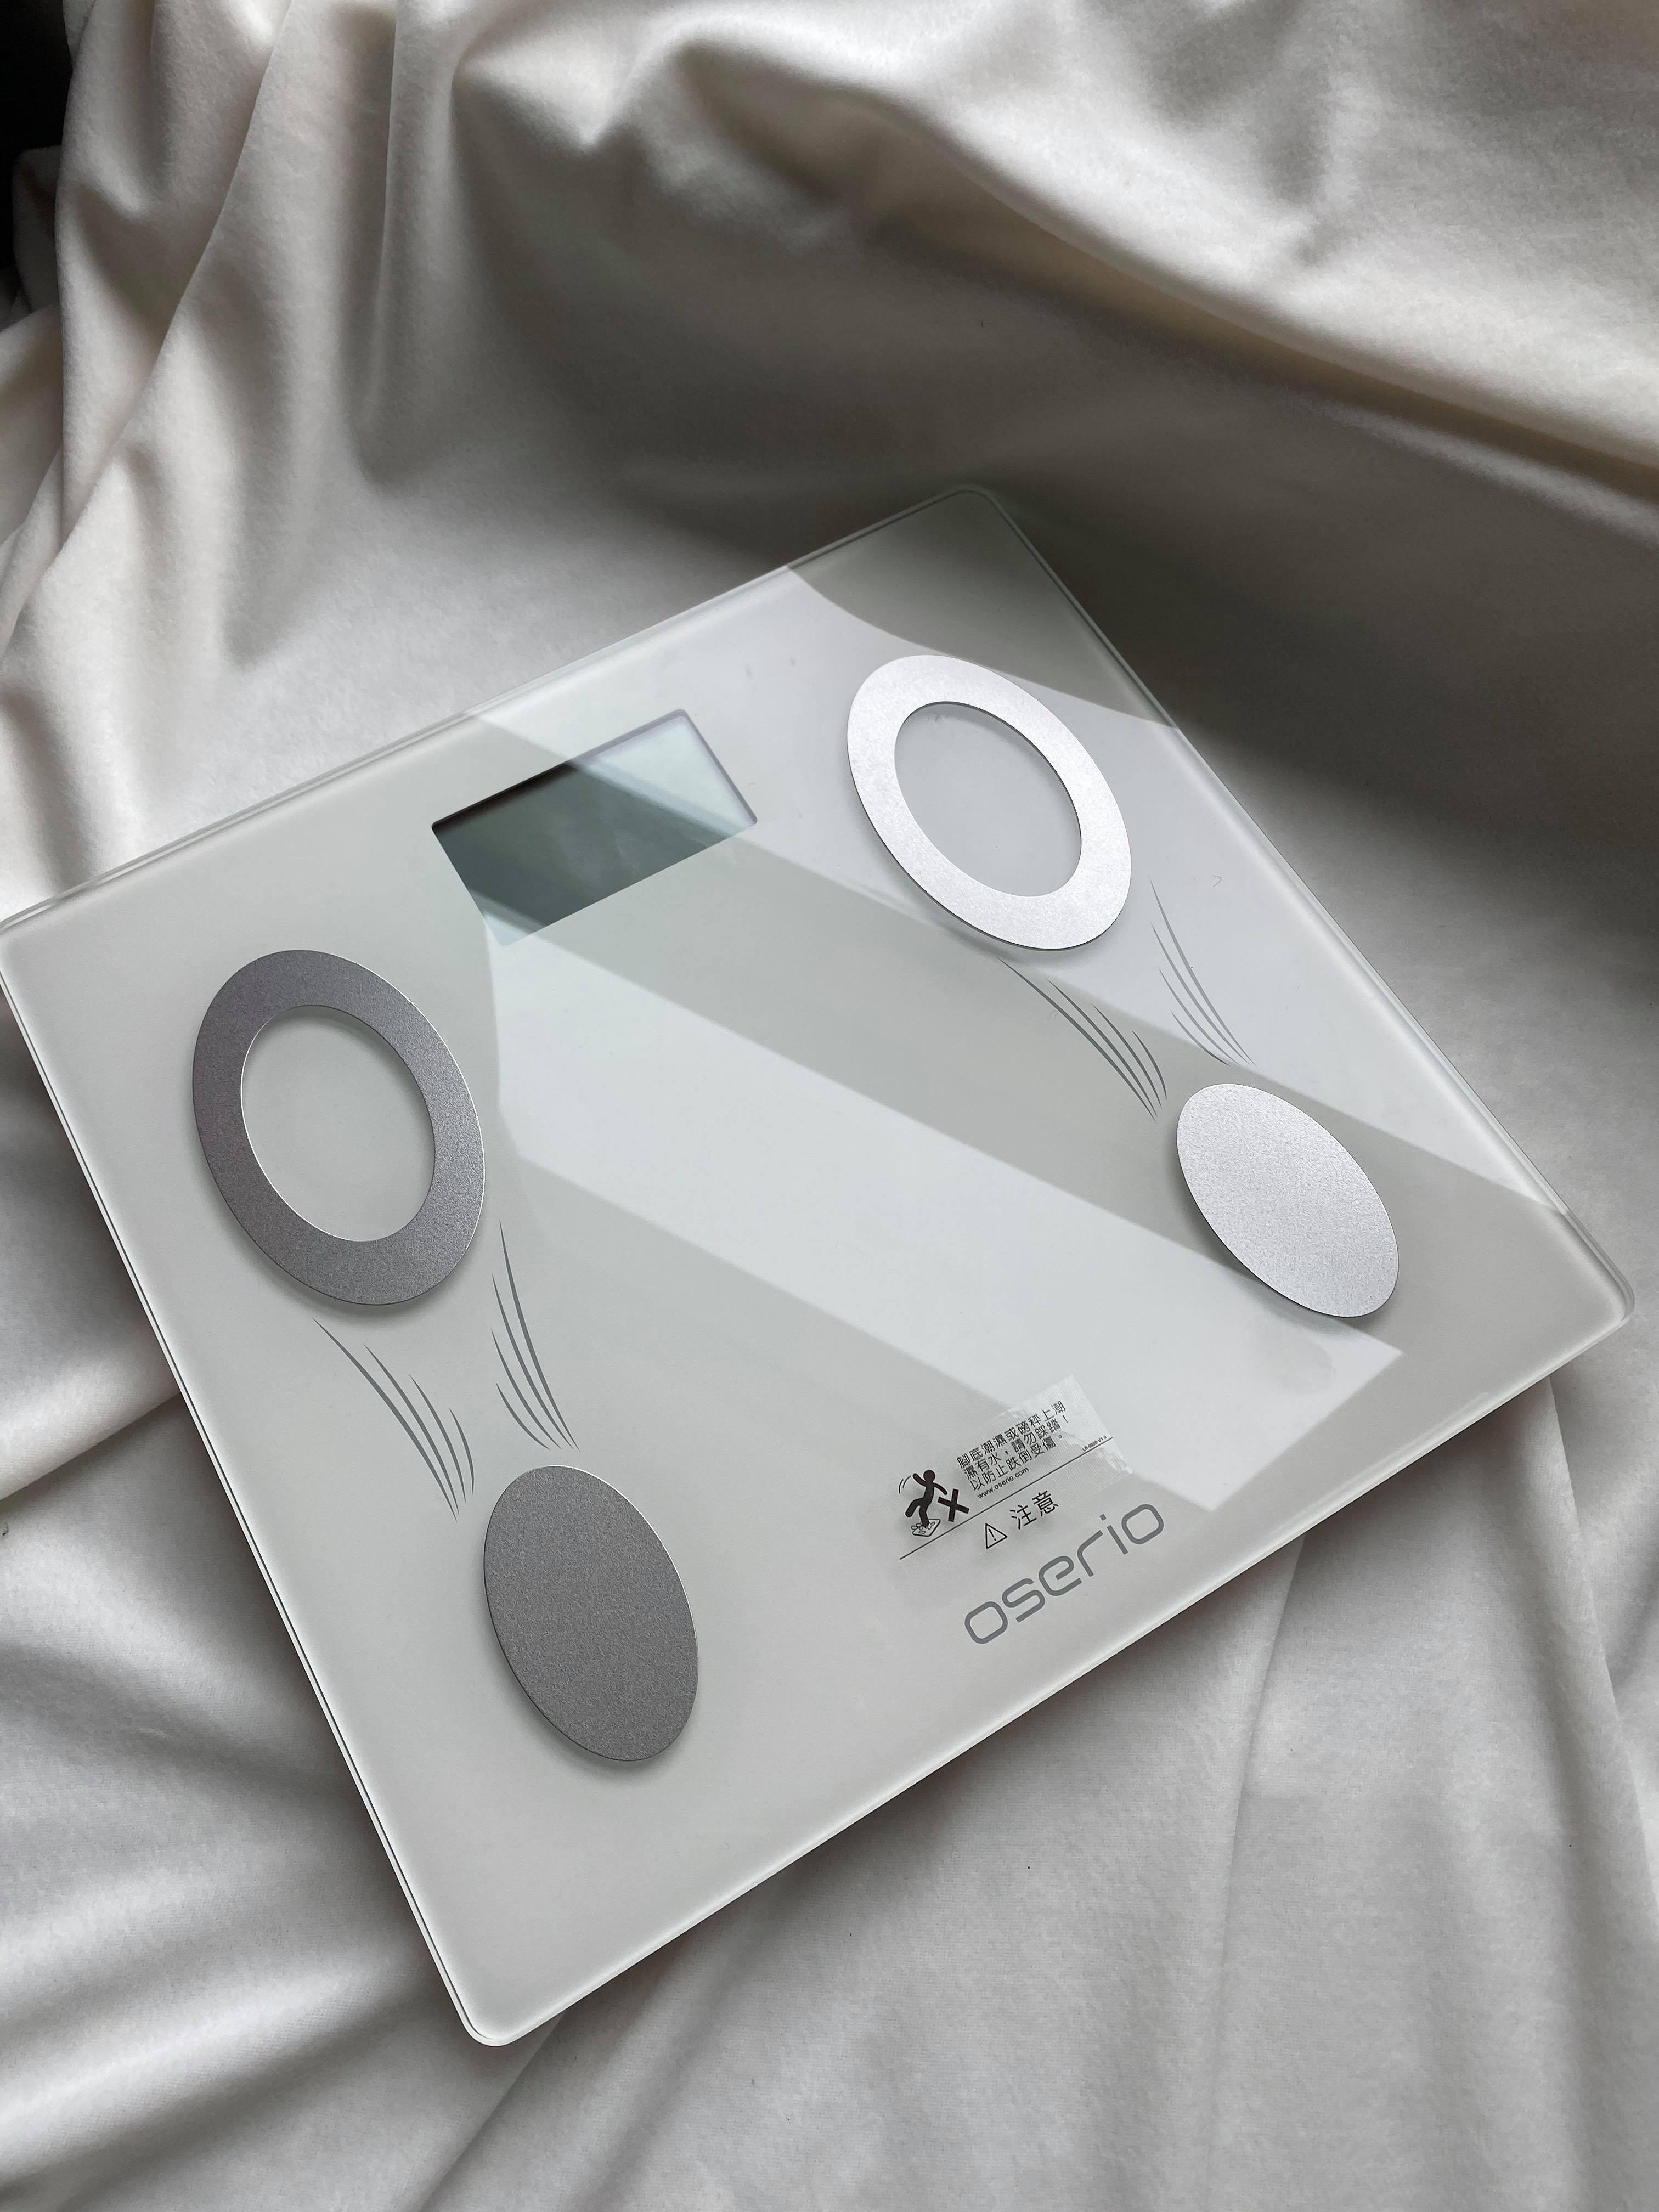 【好物】oserio歐瑟若智能體重計|減肥的好幫手|用對方法不復胖